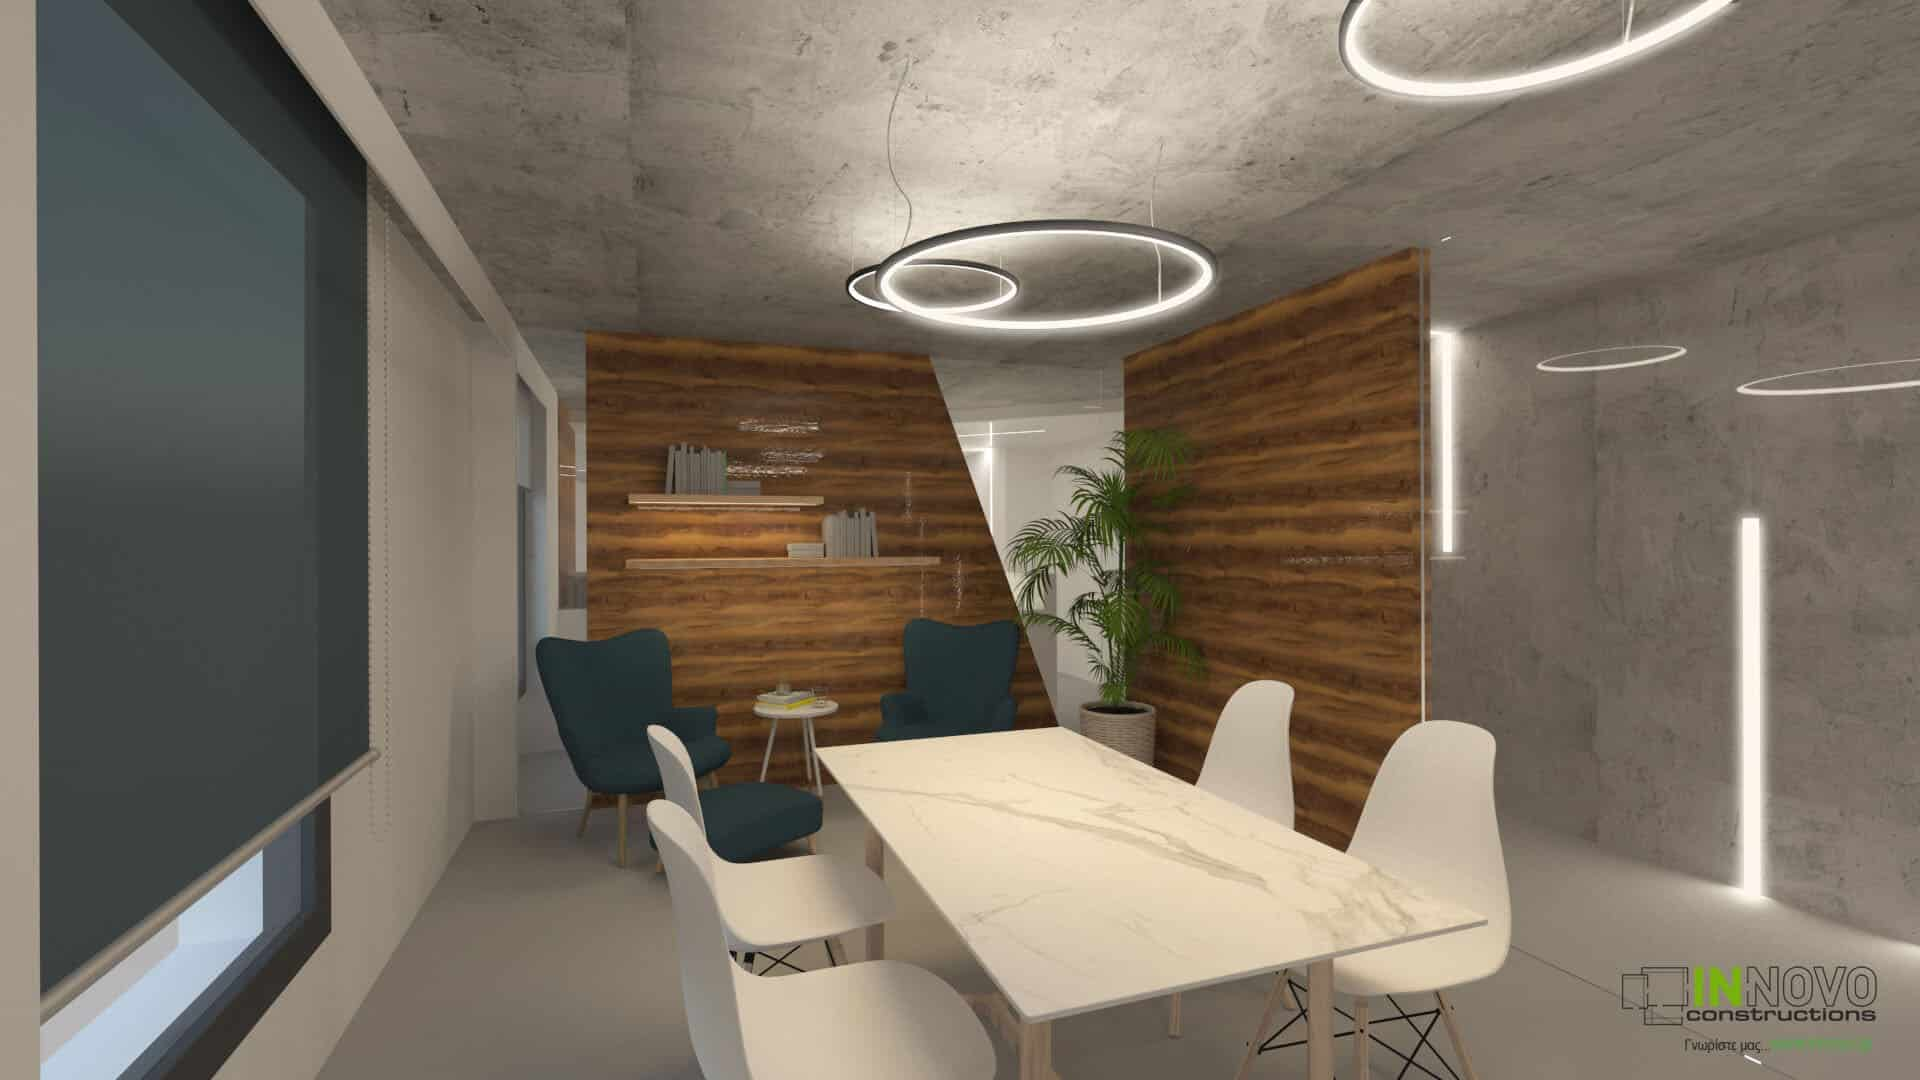 κατασκευη ιατρειου meeting room